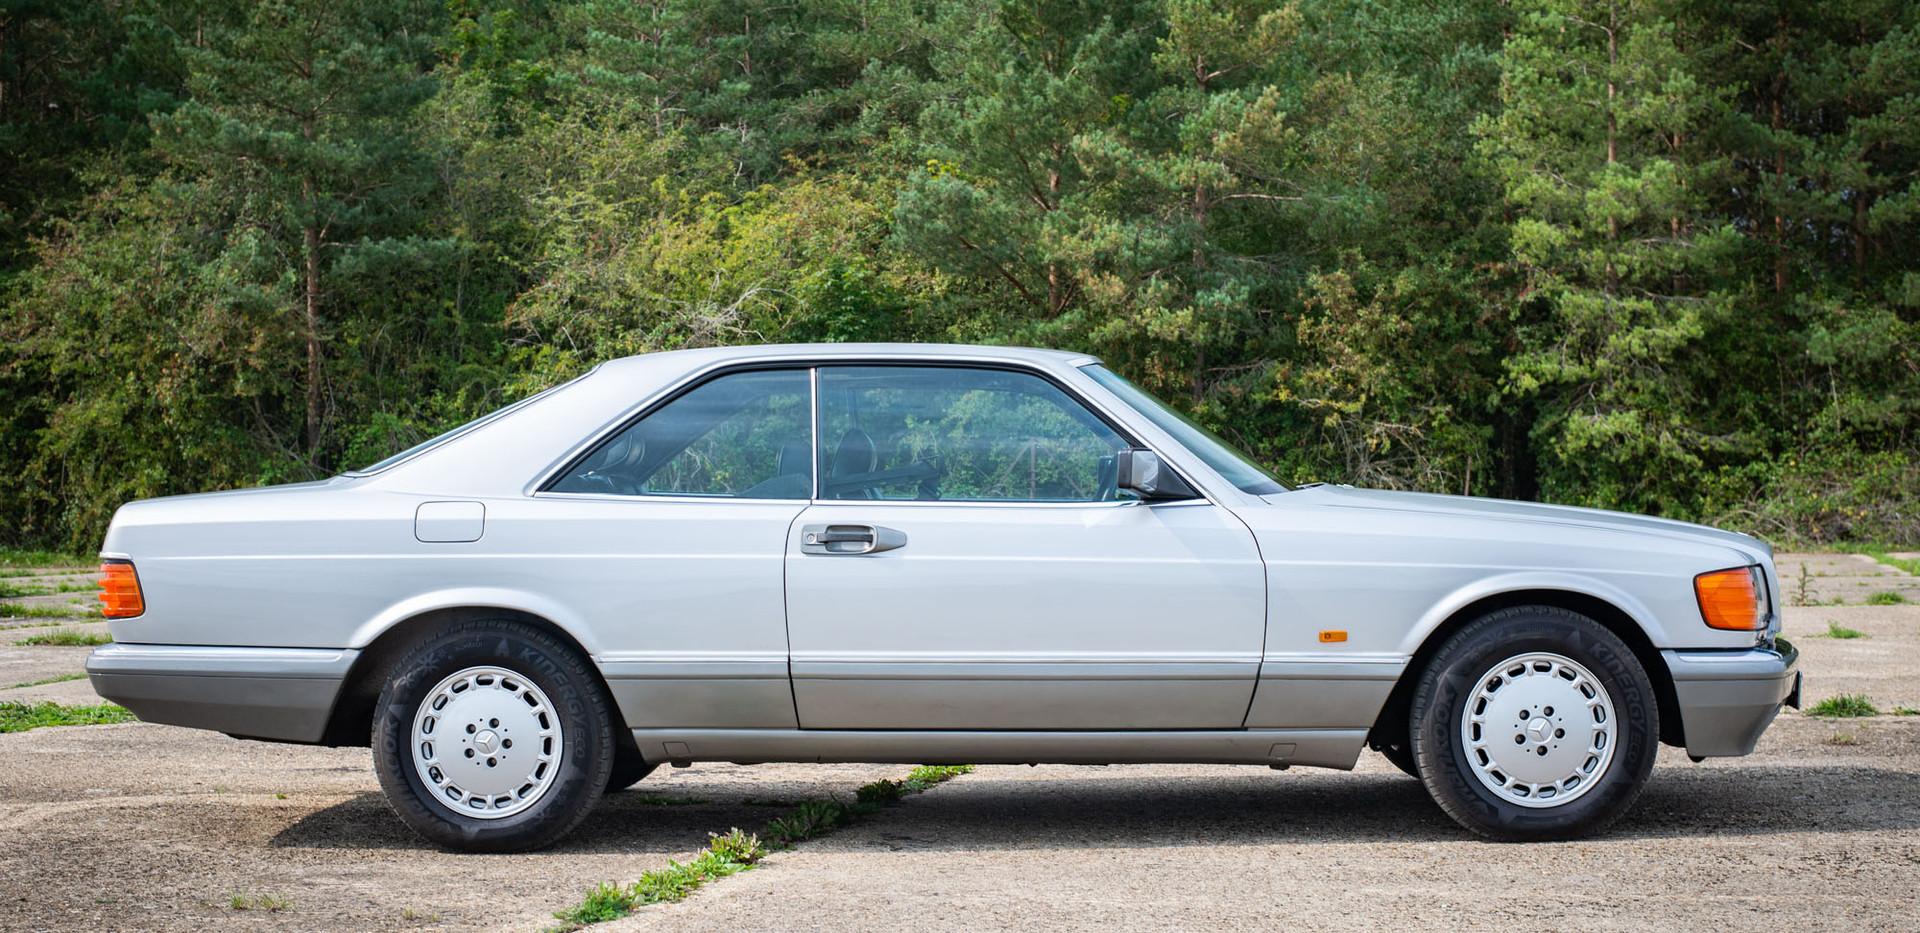 W126 420SEC - Uk for sale london-9.jpg